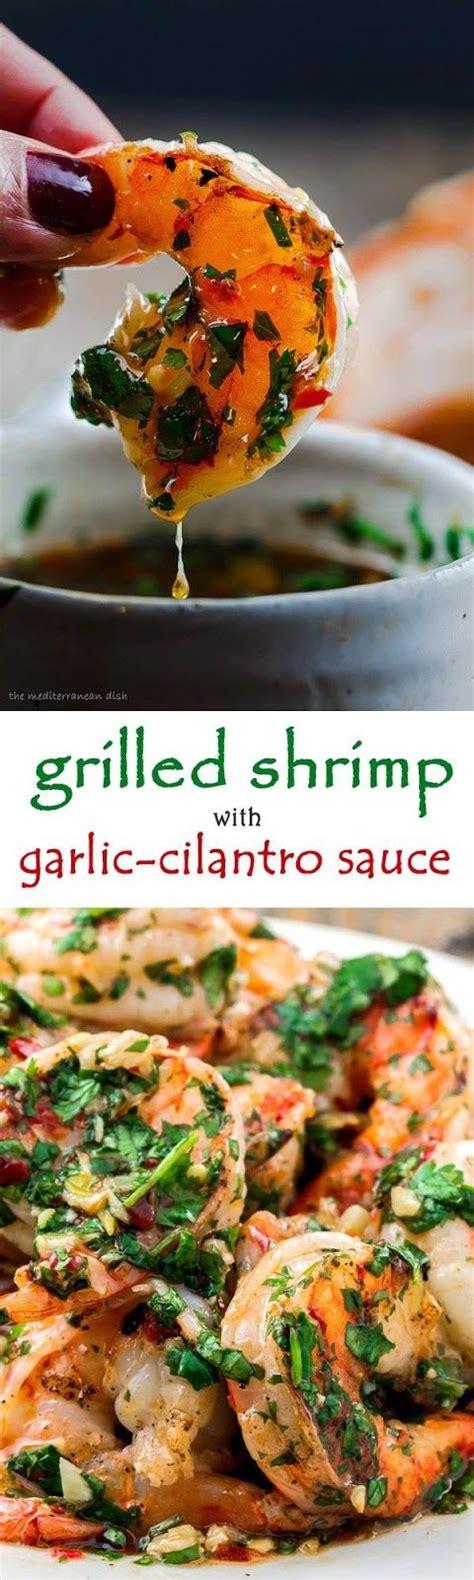 quick delicious appetizers best 25 shrimp ideas on